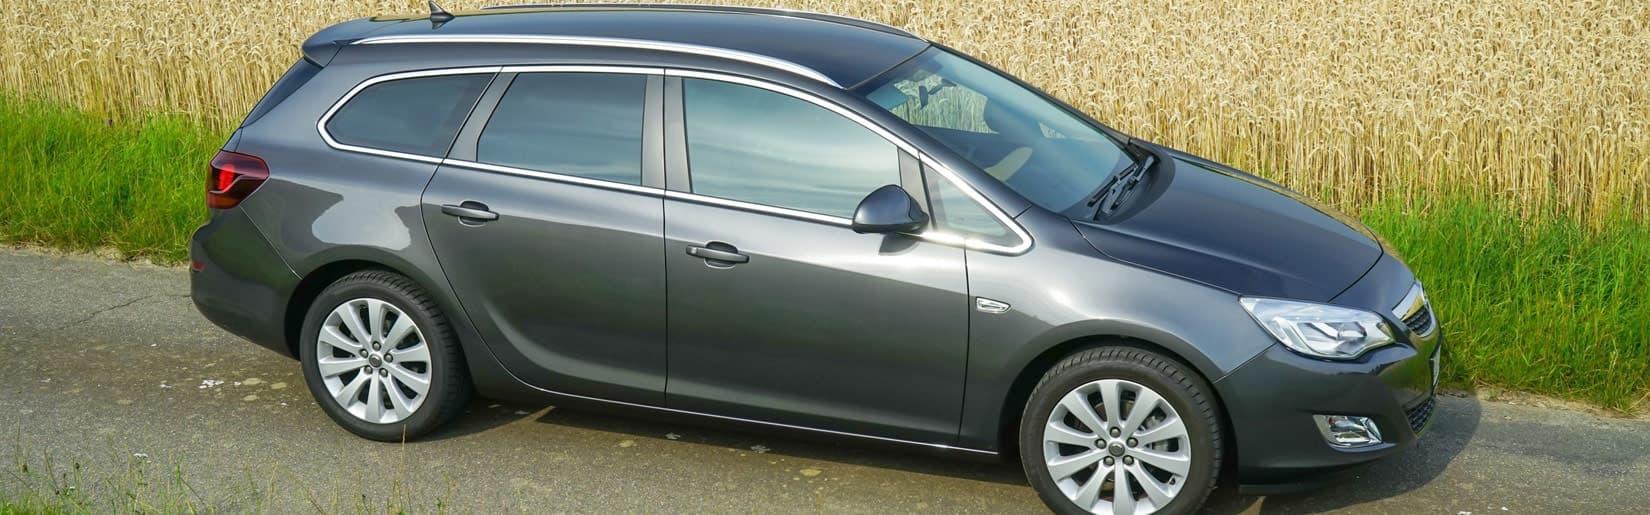 Dieselpartikelfilter reinigen für Opel Fahrzeuge